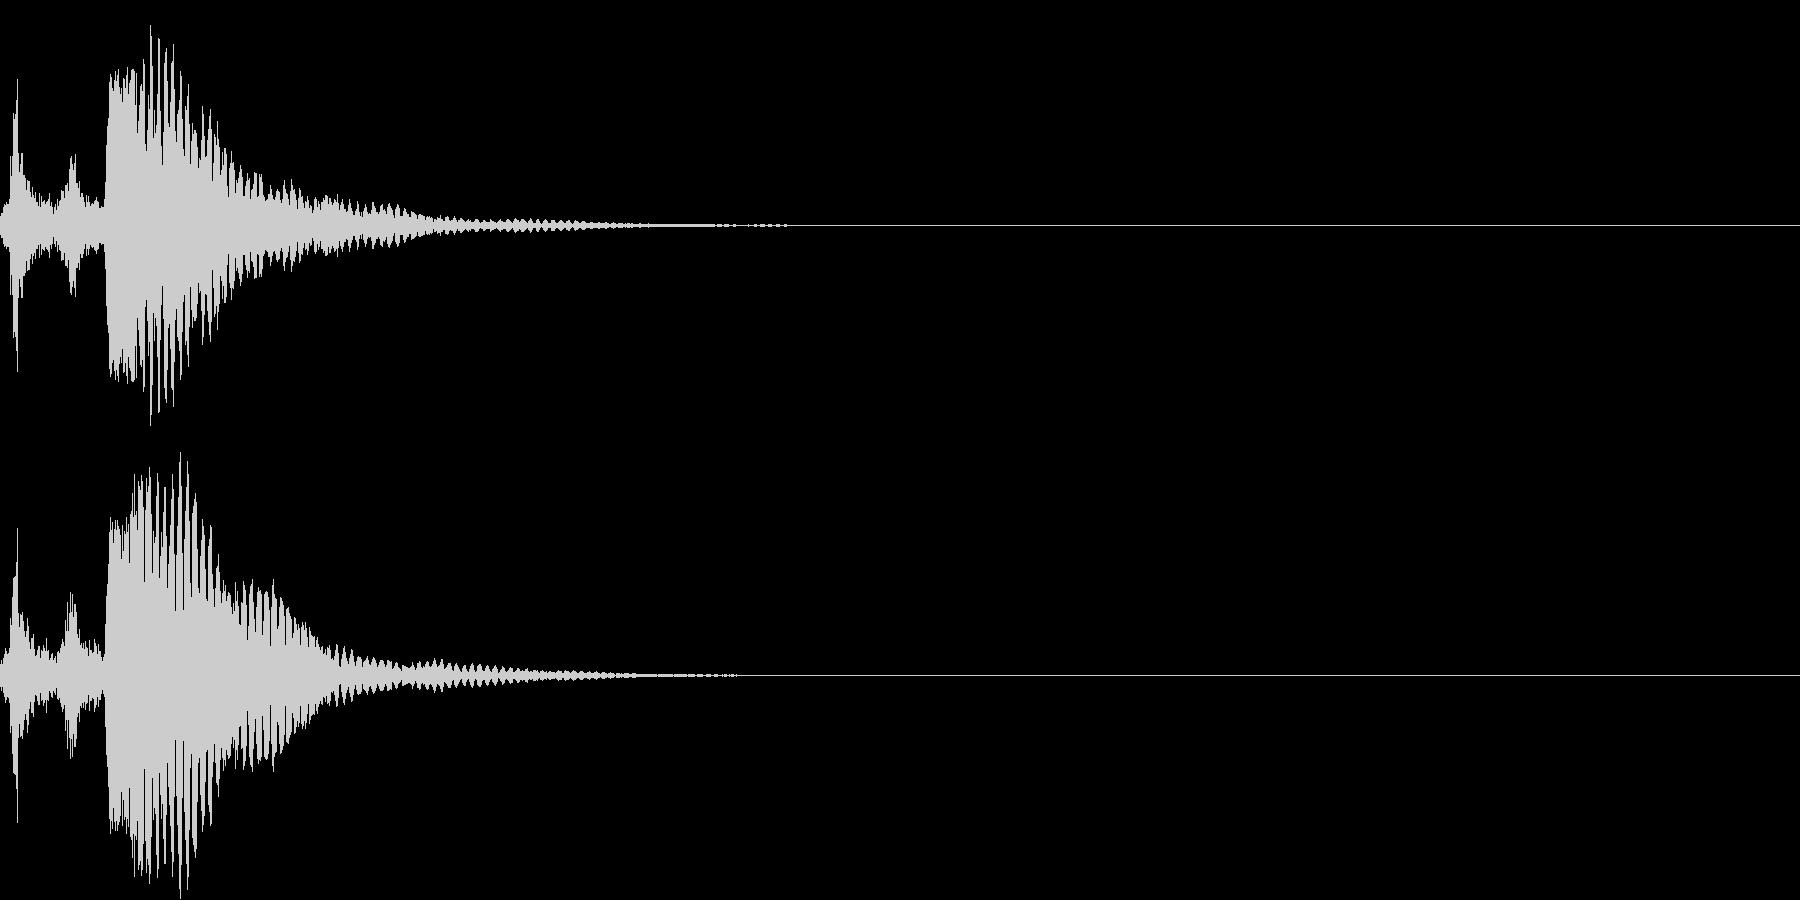 刀 キーン 剣 リアル インパクト Eの未再生の波形